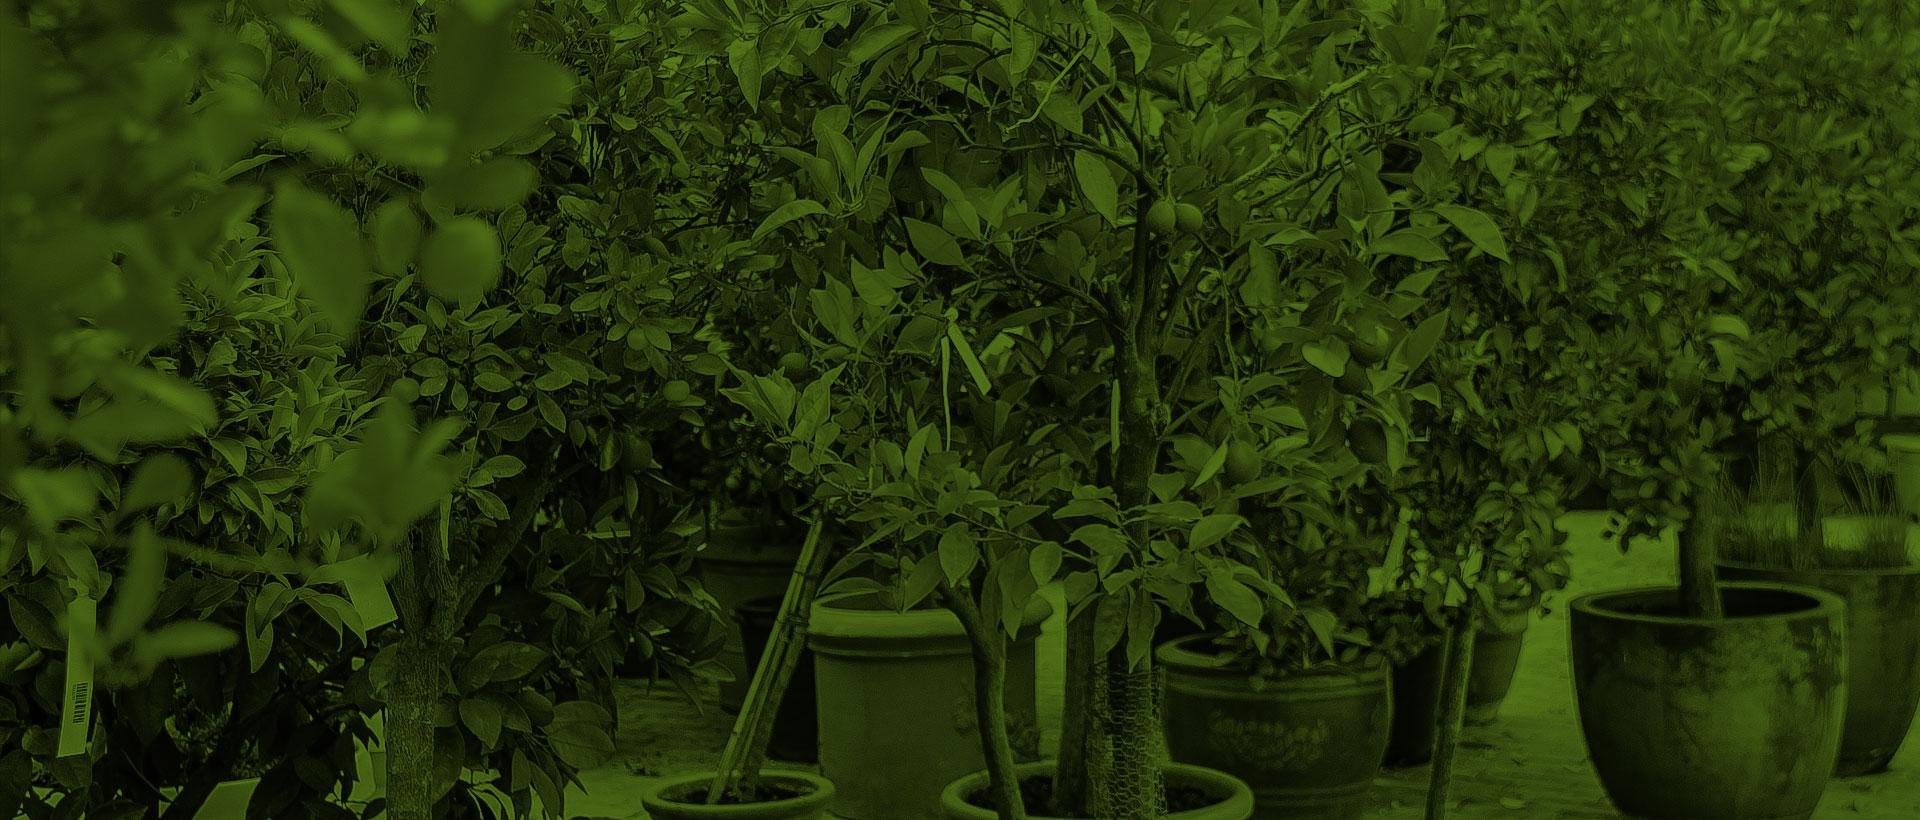 Überwinterung für Ihre Pflanzen - Ihre Pflanzen in guten Händen